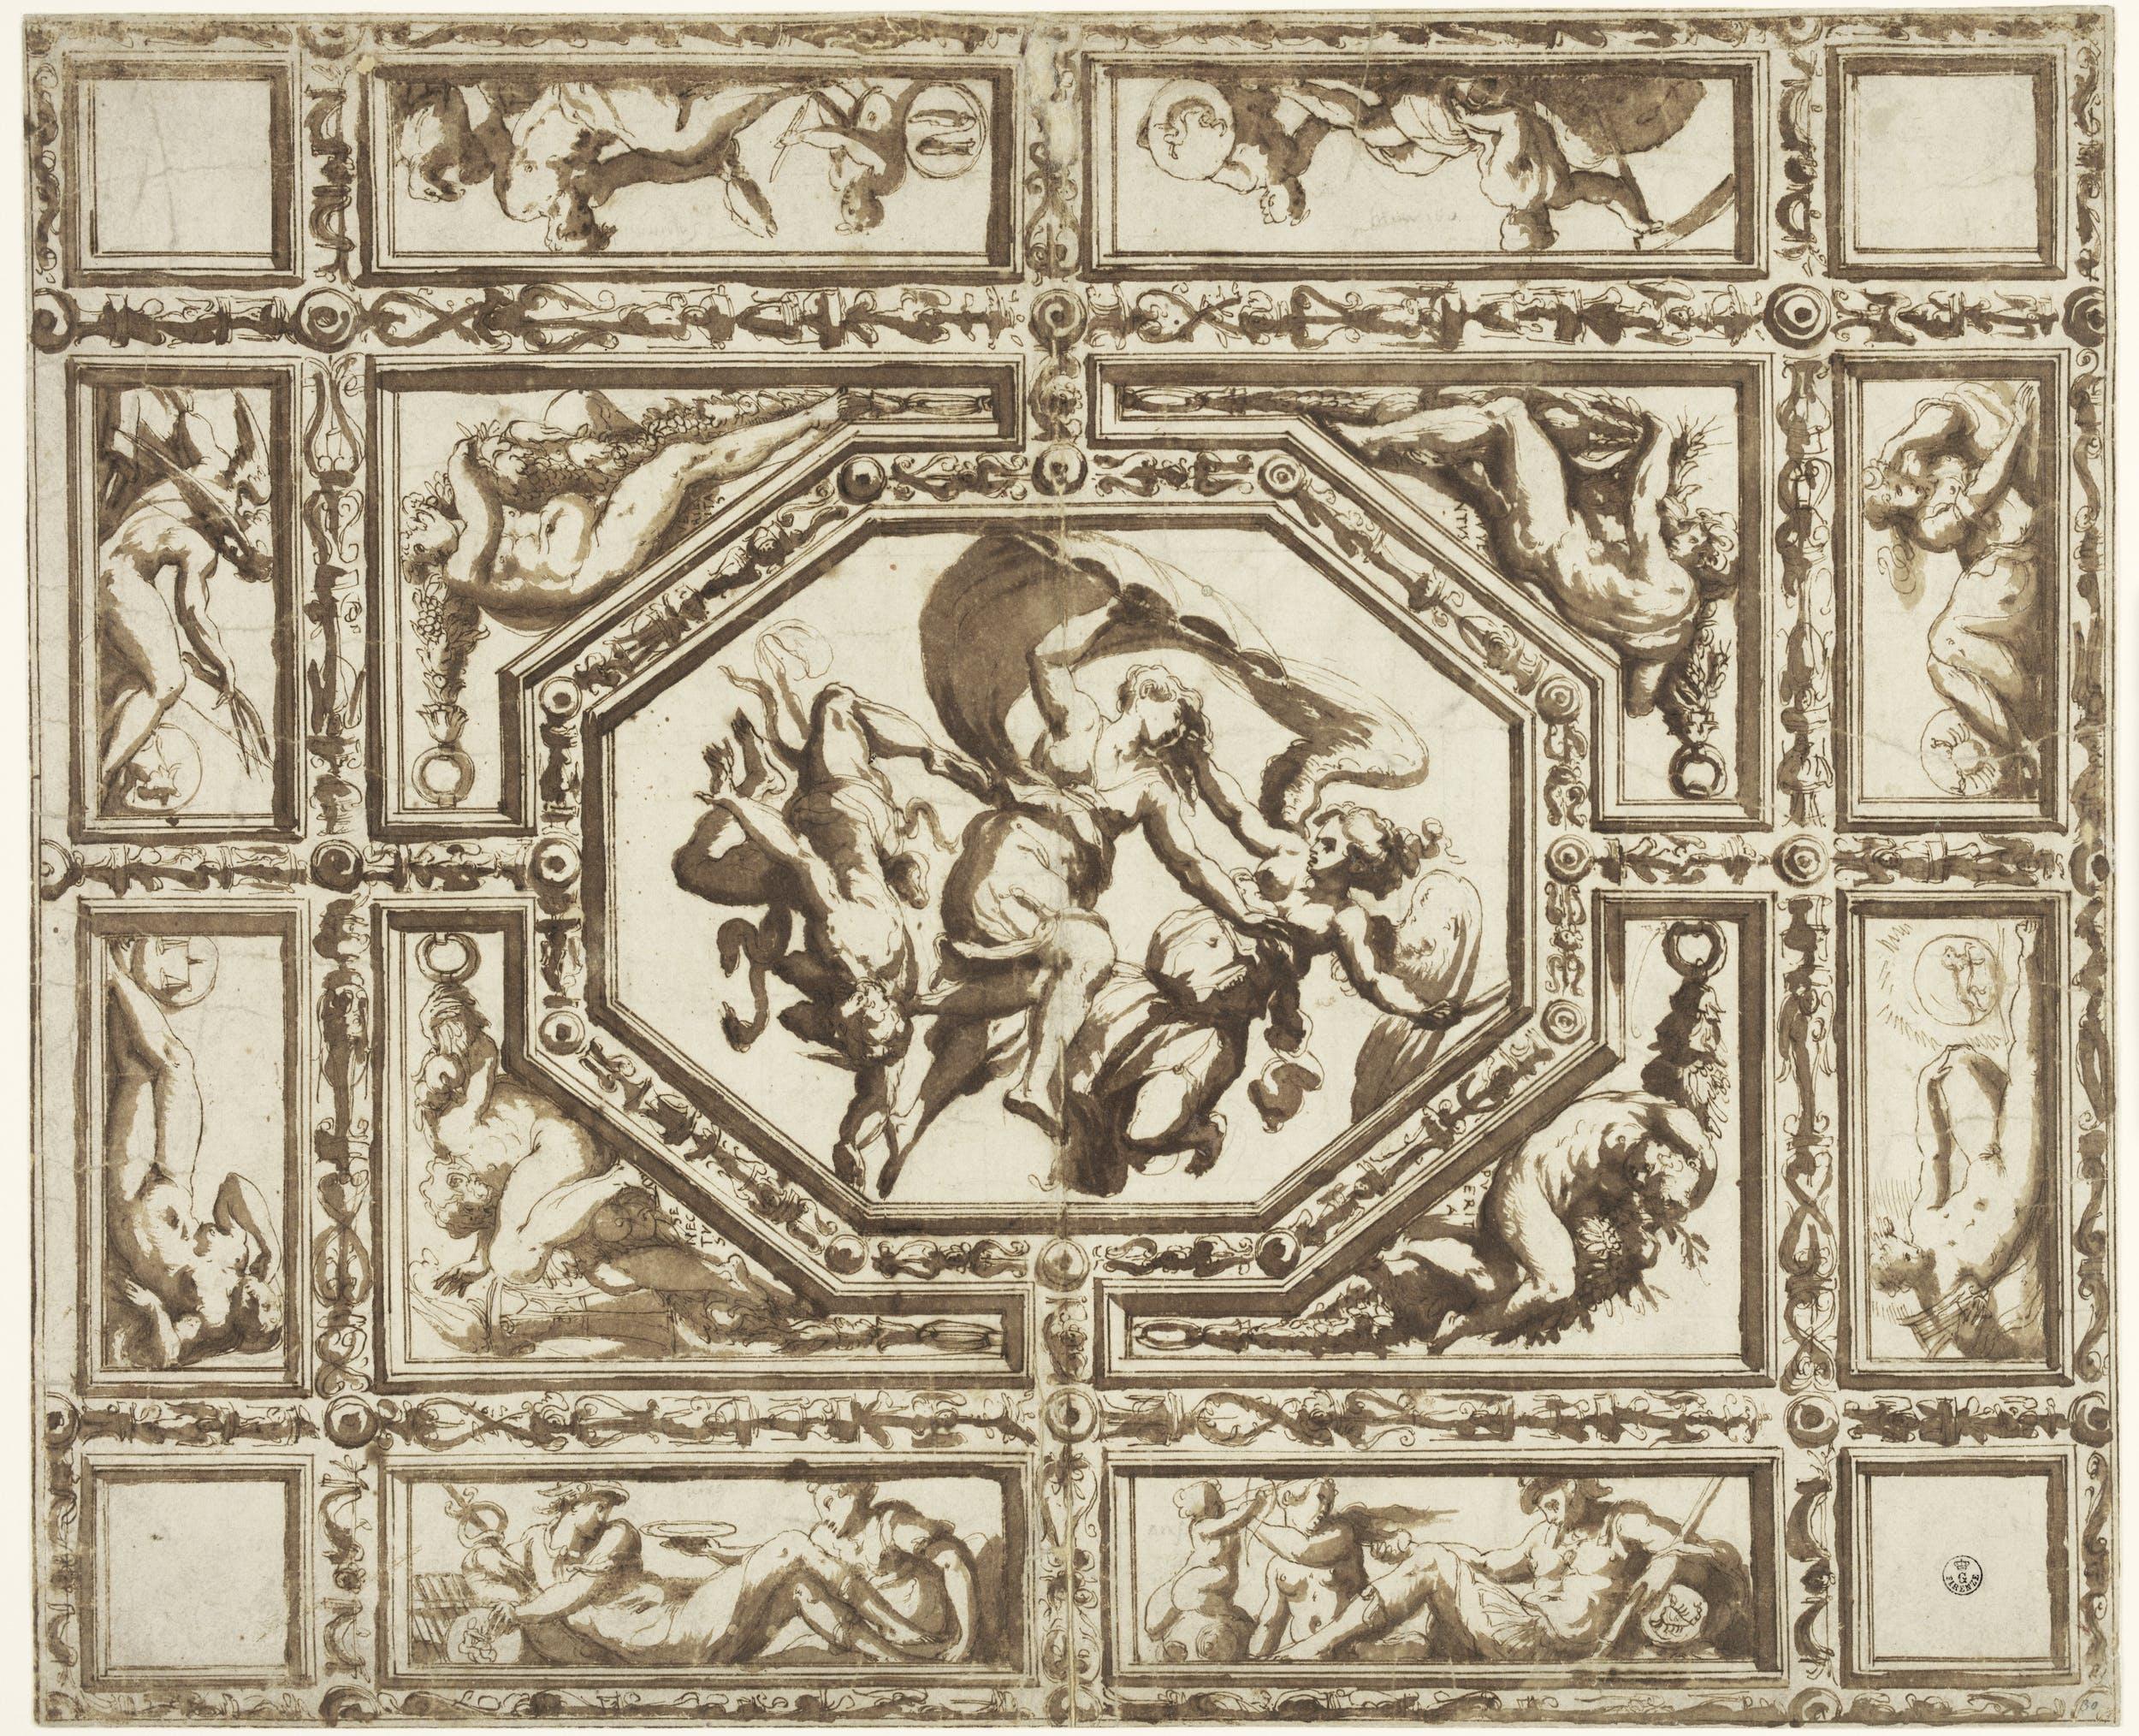 Giorgio Vasari (1511-1574) Disegno del soffitto di Casa Vasari ad Arezzo Post 1548 tracce di pietra nera, penna e inchiostro, pennello e inchiostro diluito su carta Gabinetto dei Disegni e delle Stampe, Gallerie degli Uffizi, Firenze